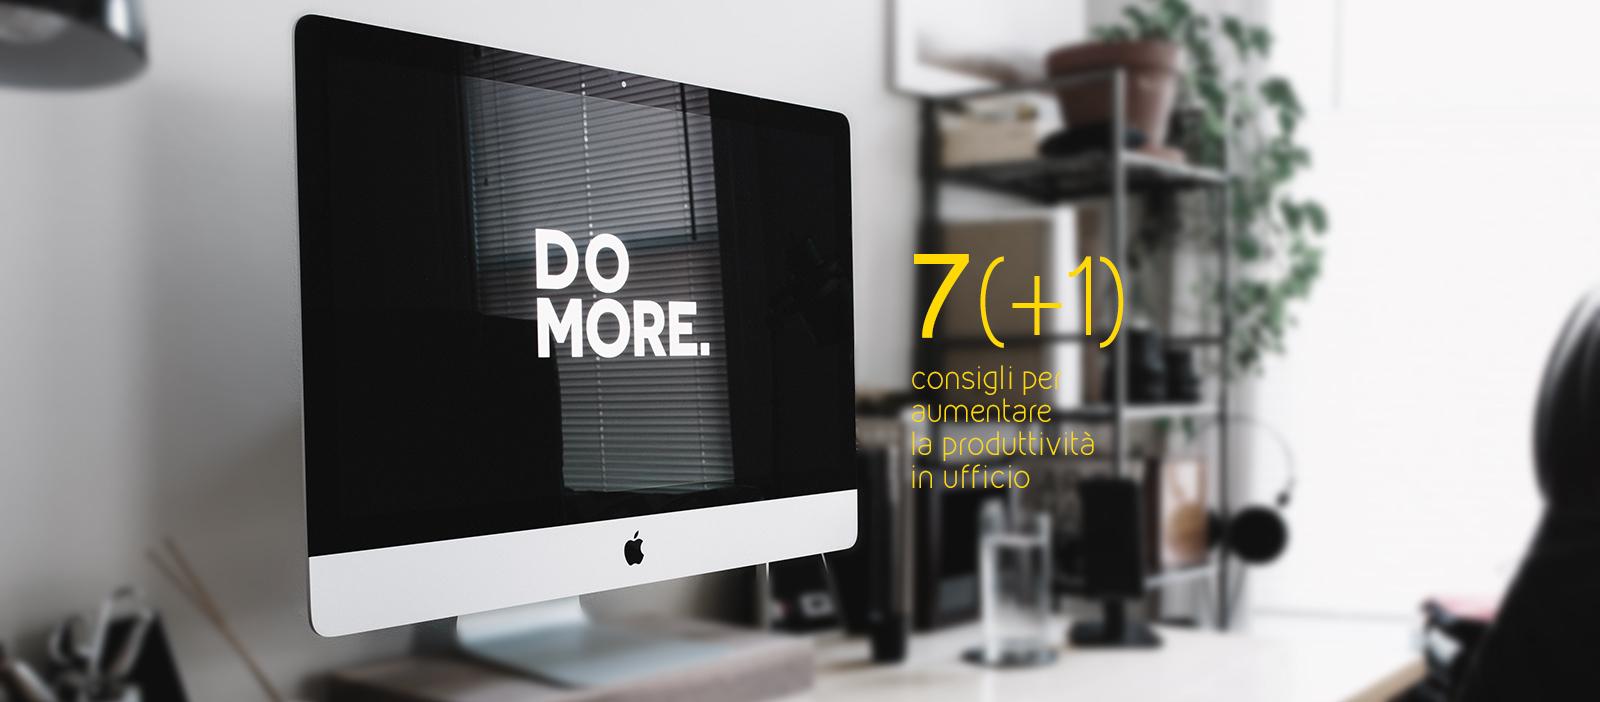 7+1 consigli per aumentare la produttività in ufficio